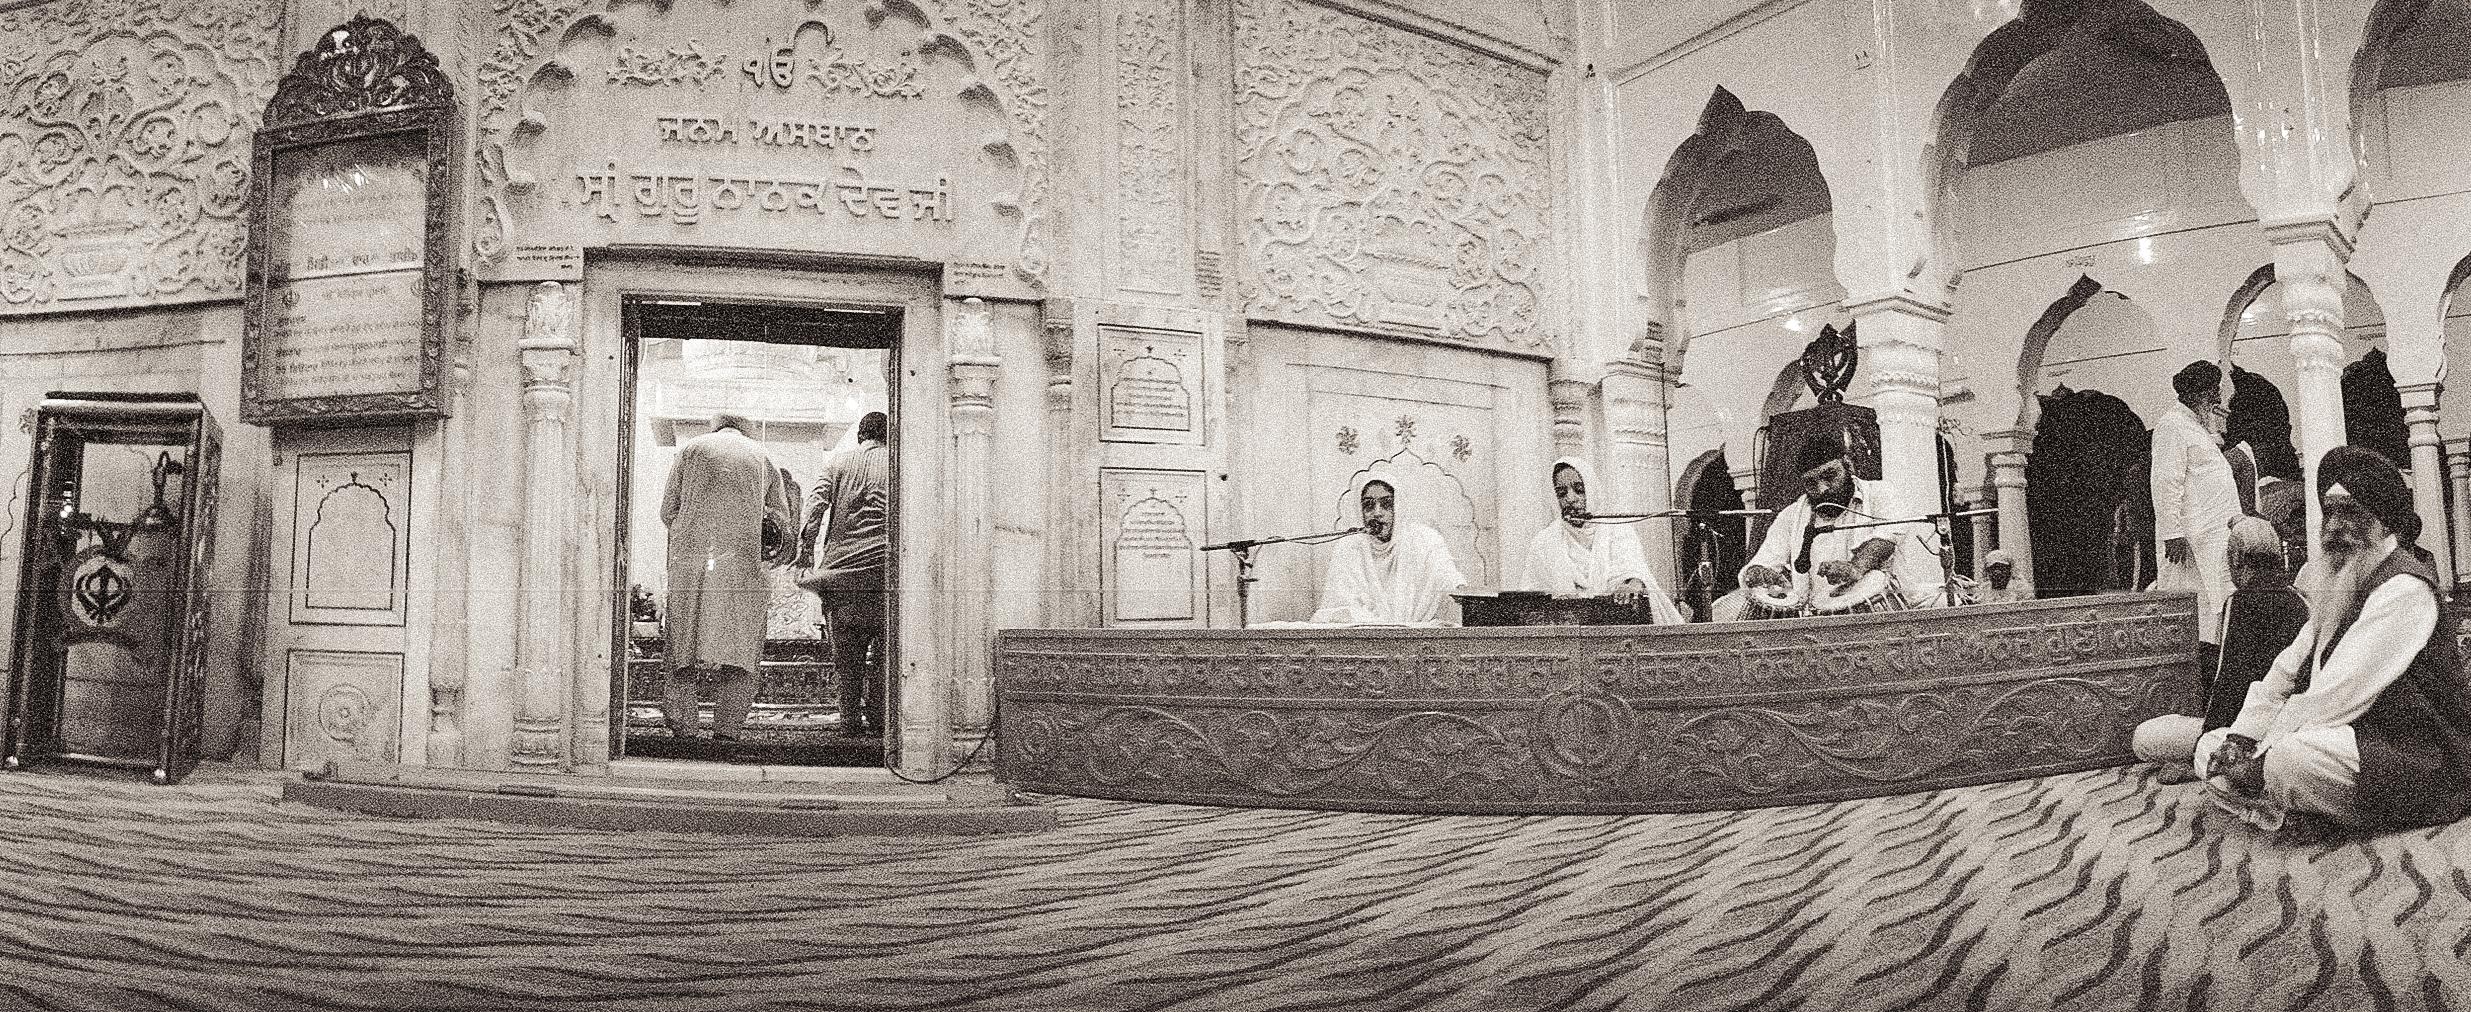 Gurudwara Nankana Sahib Photo by AK Sandhu